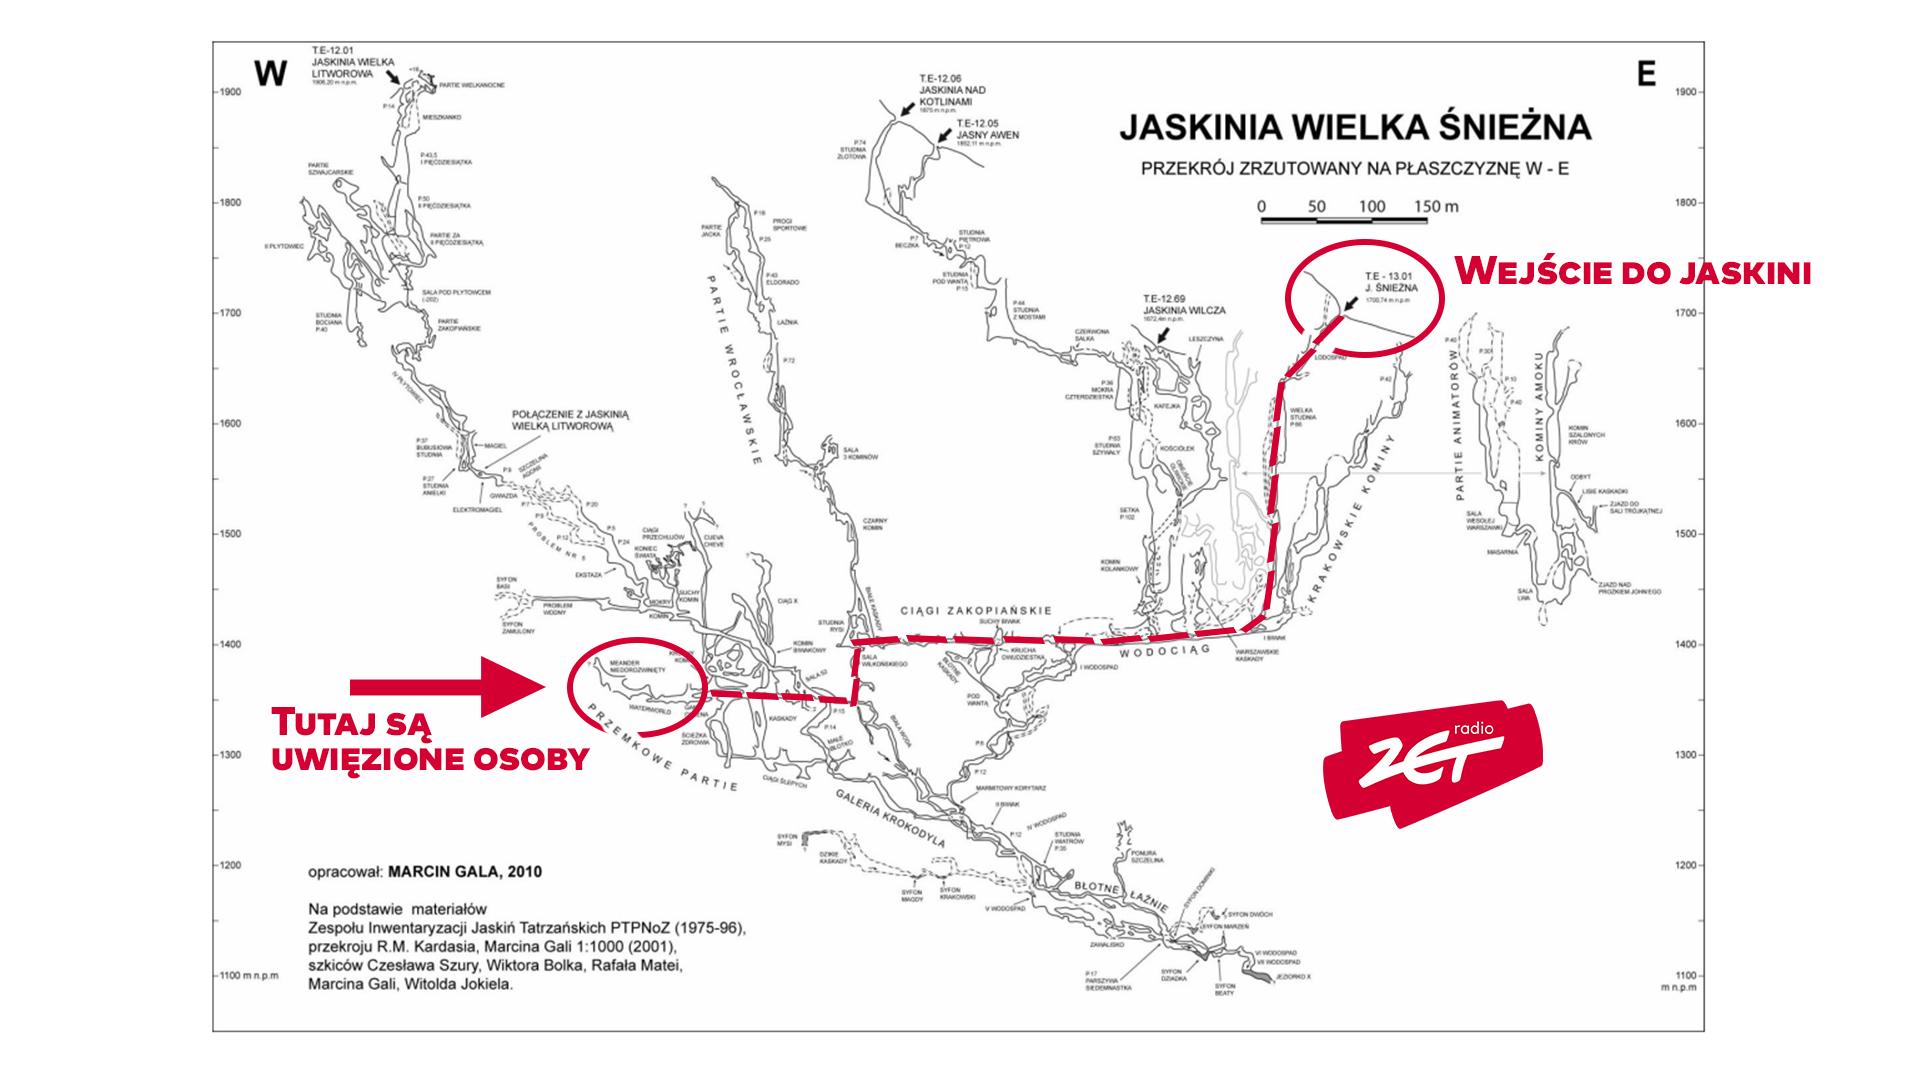 mapa jaskinia z zaznaczona trasa